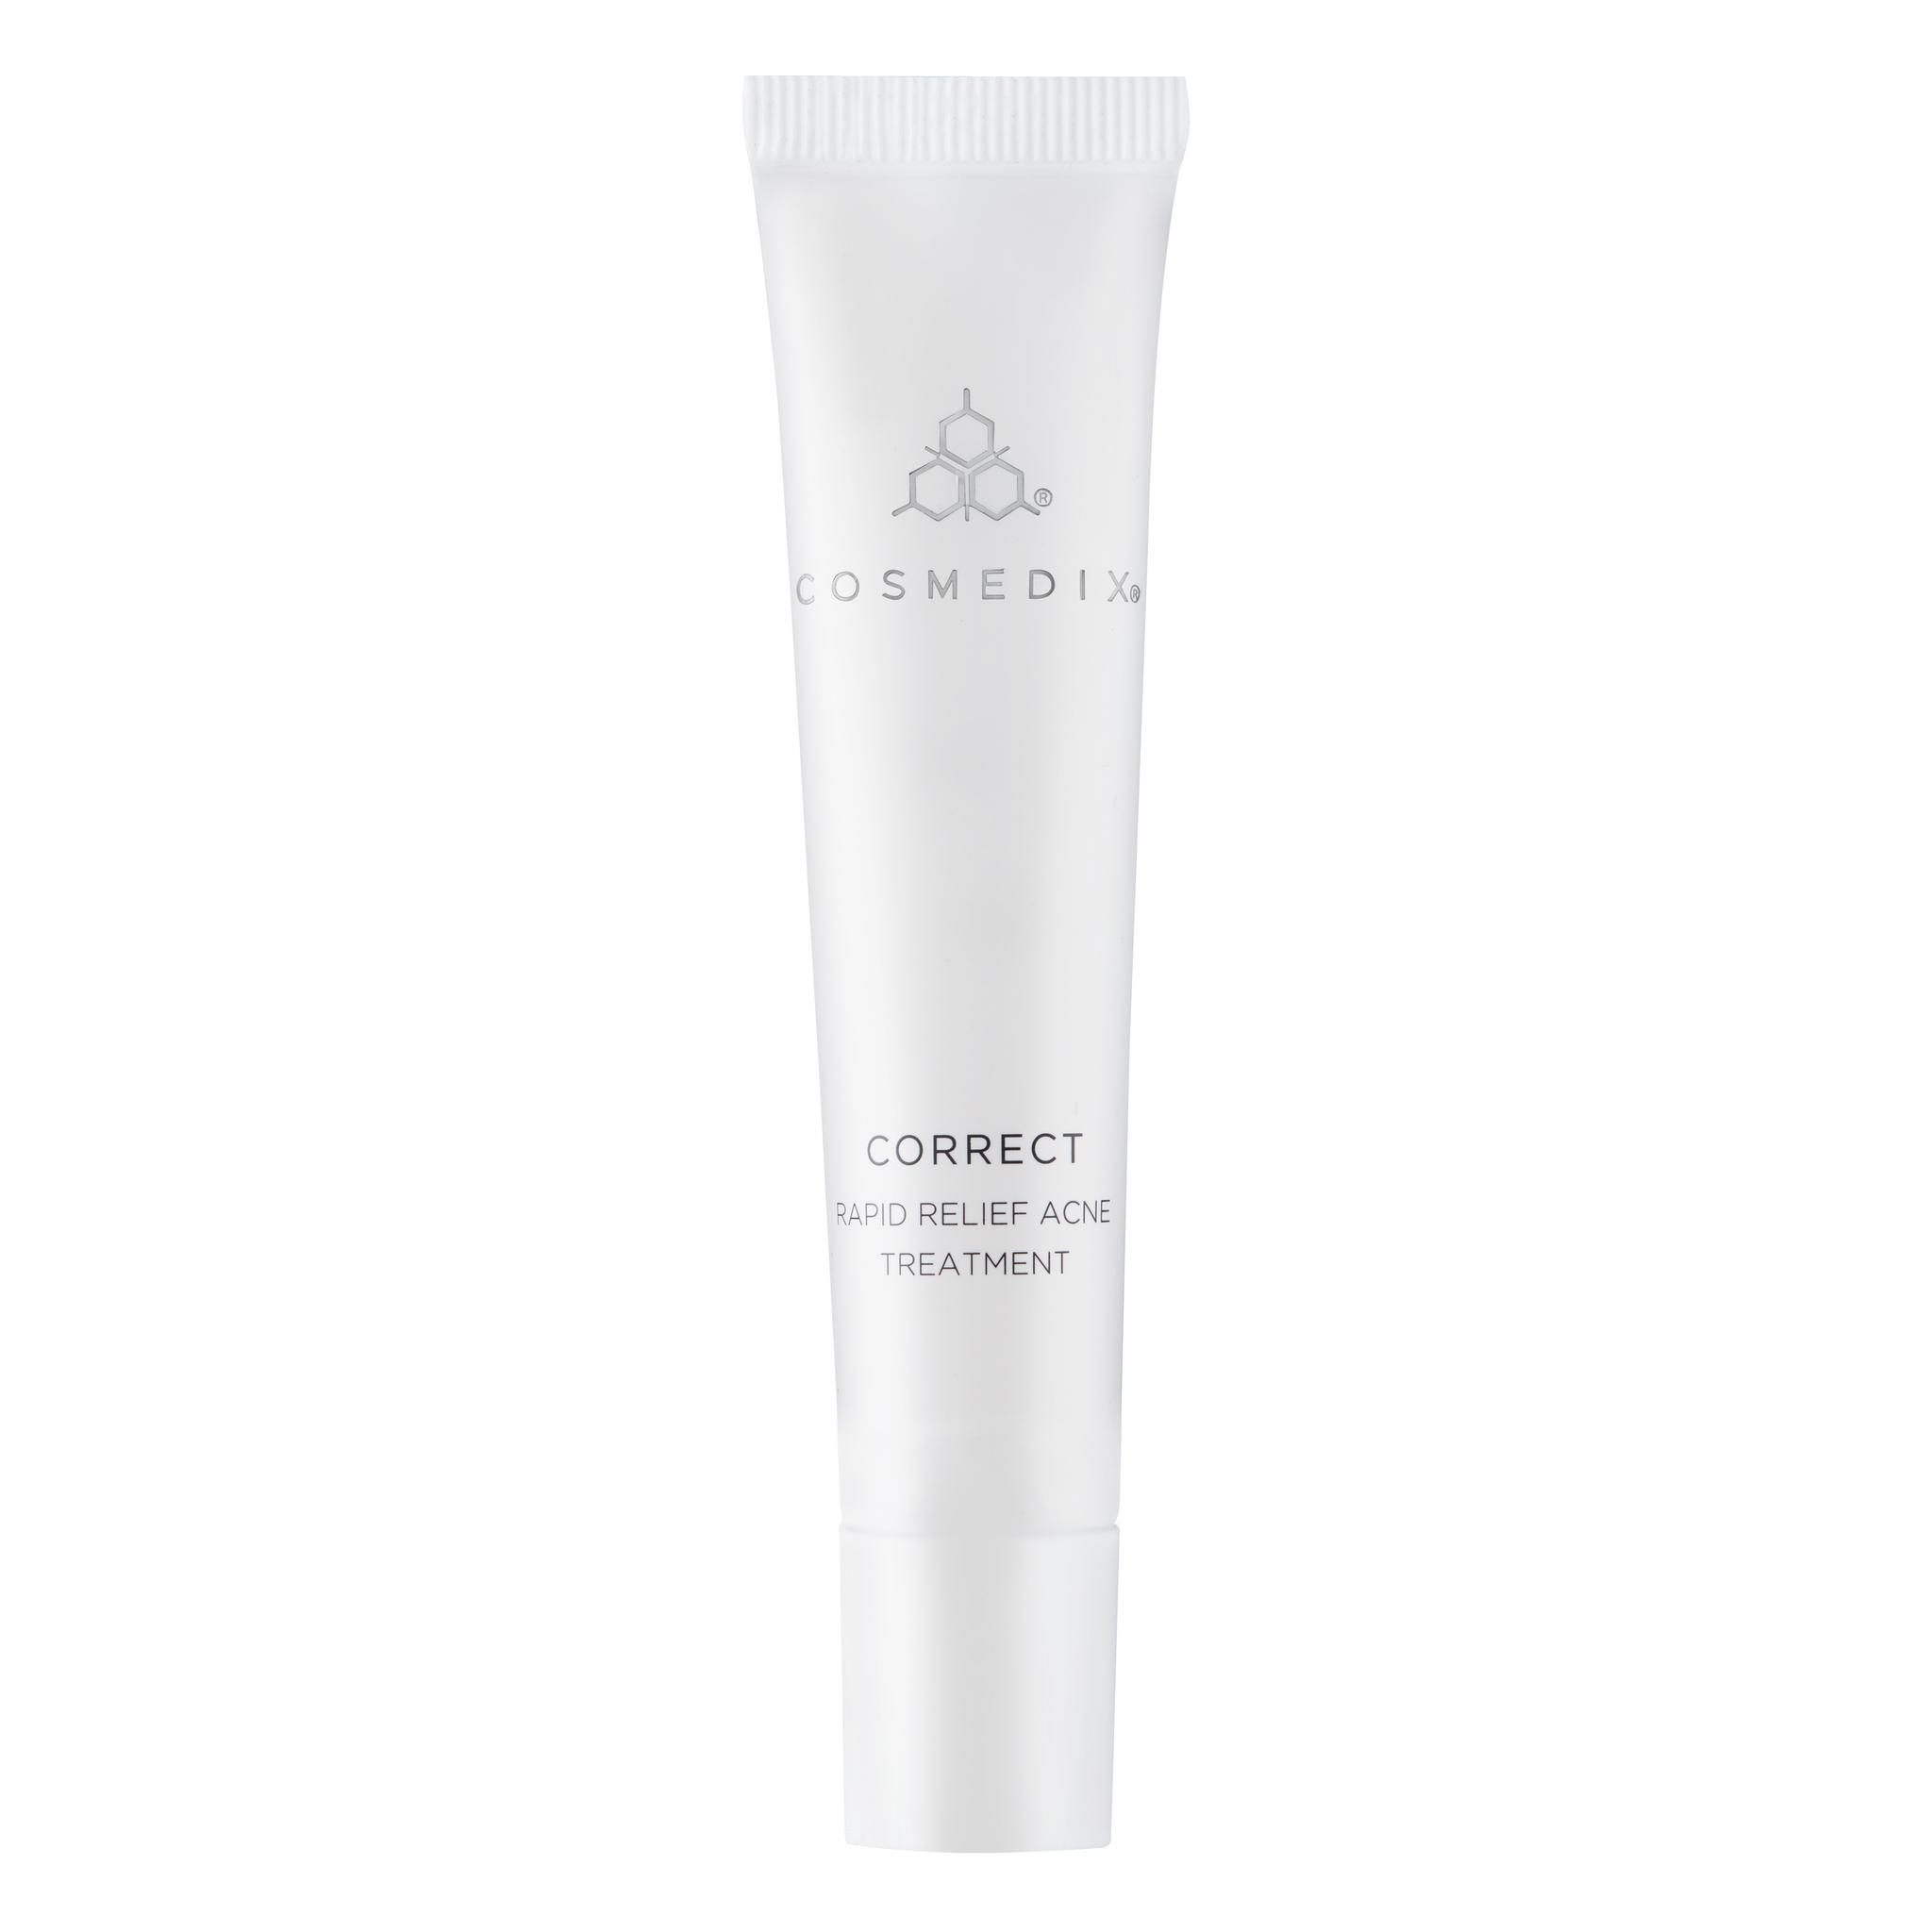 Экспресс сыворотка от высыпаний Cosmedix Correct Rapid Relief Acne Treatment 15 ml